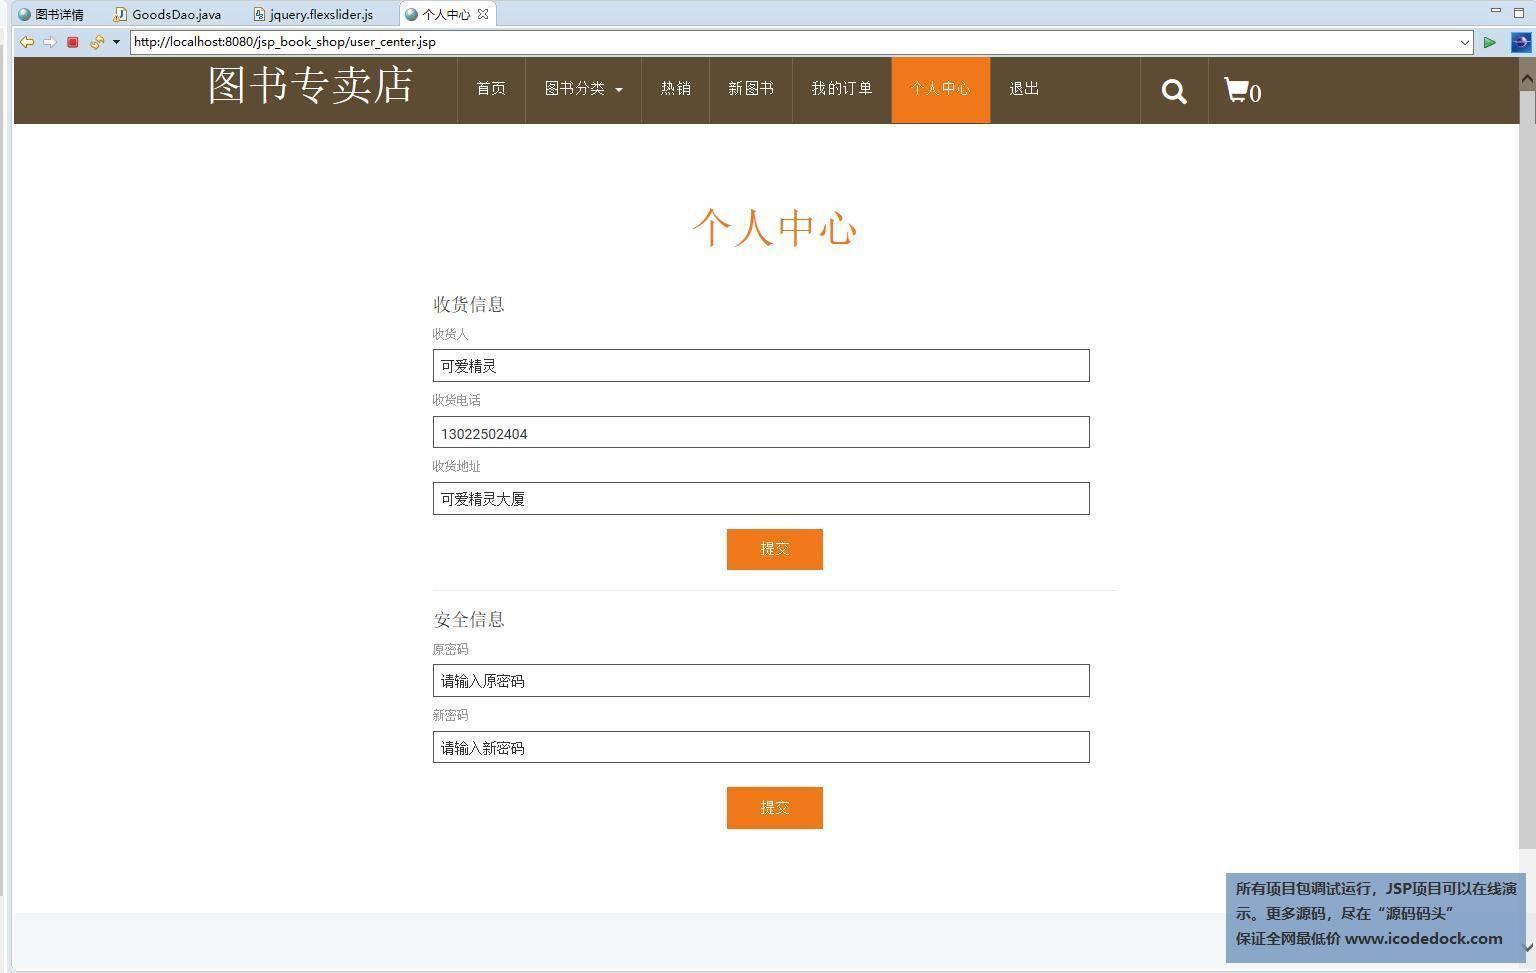 源码码头-JSP图书商城项目管理系统-用户角色-修改个人信息